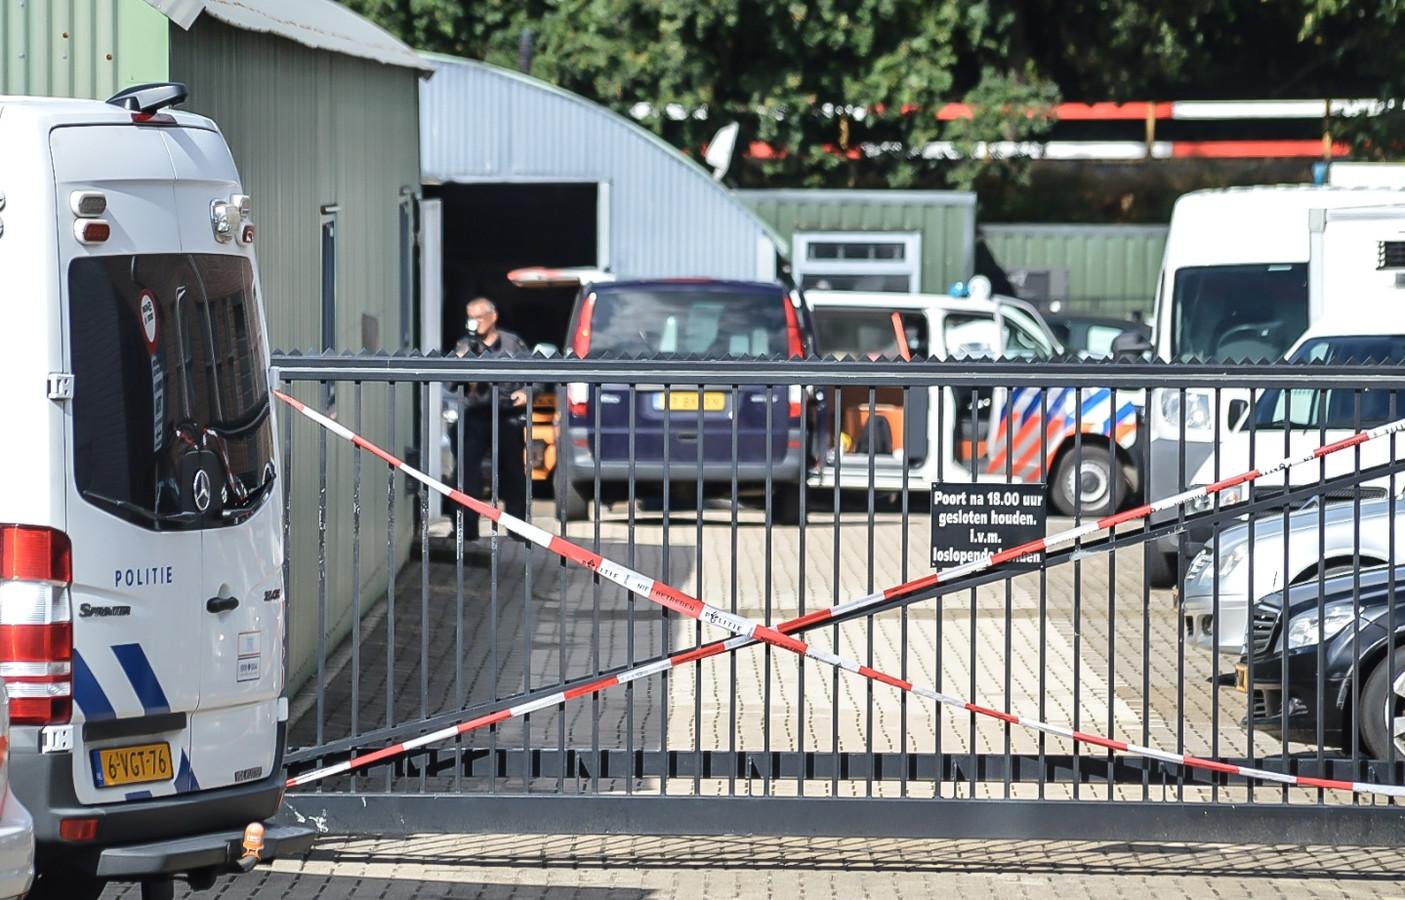 De politie heeft maandag een inval gedaan bij een bedrijfspand aan de Bovensteweg in Mook.